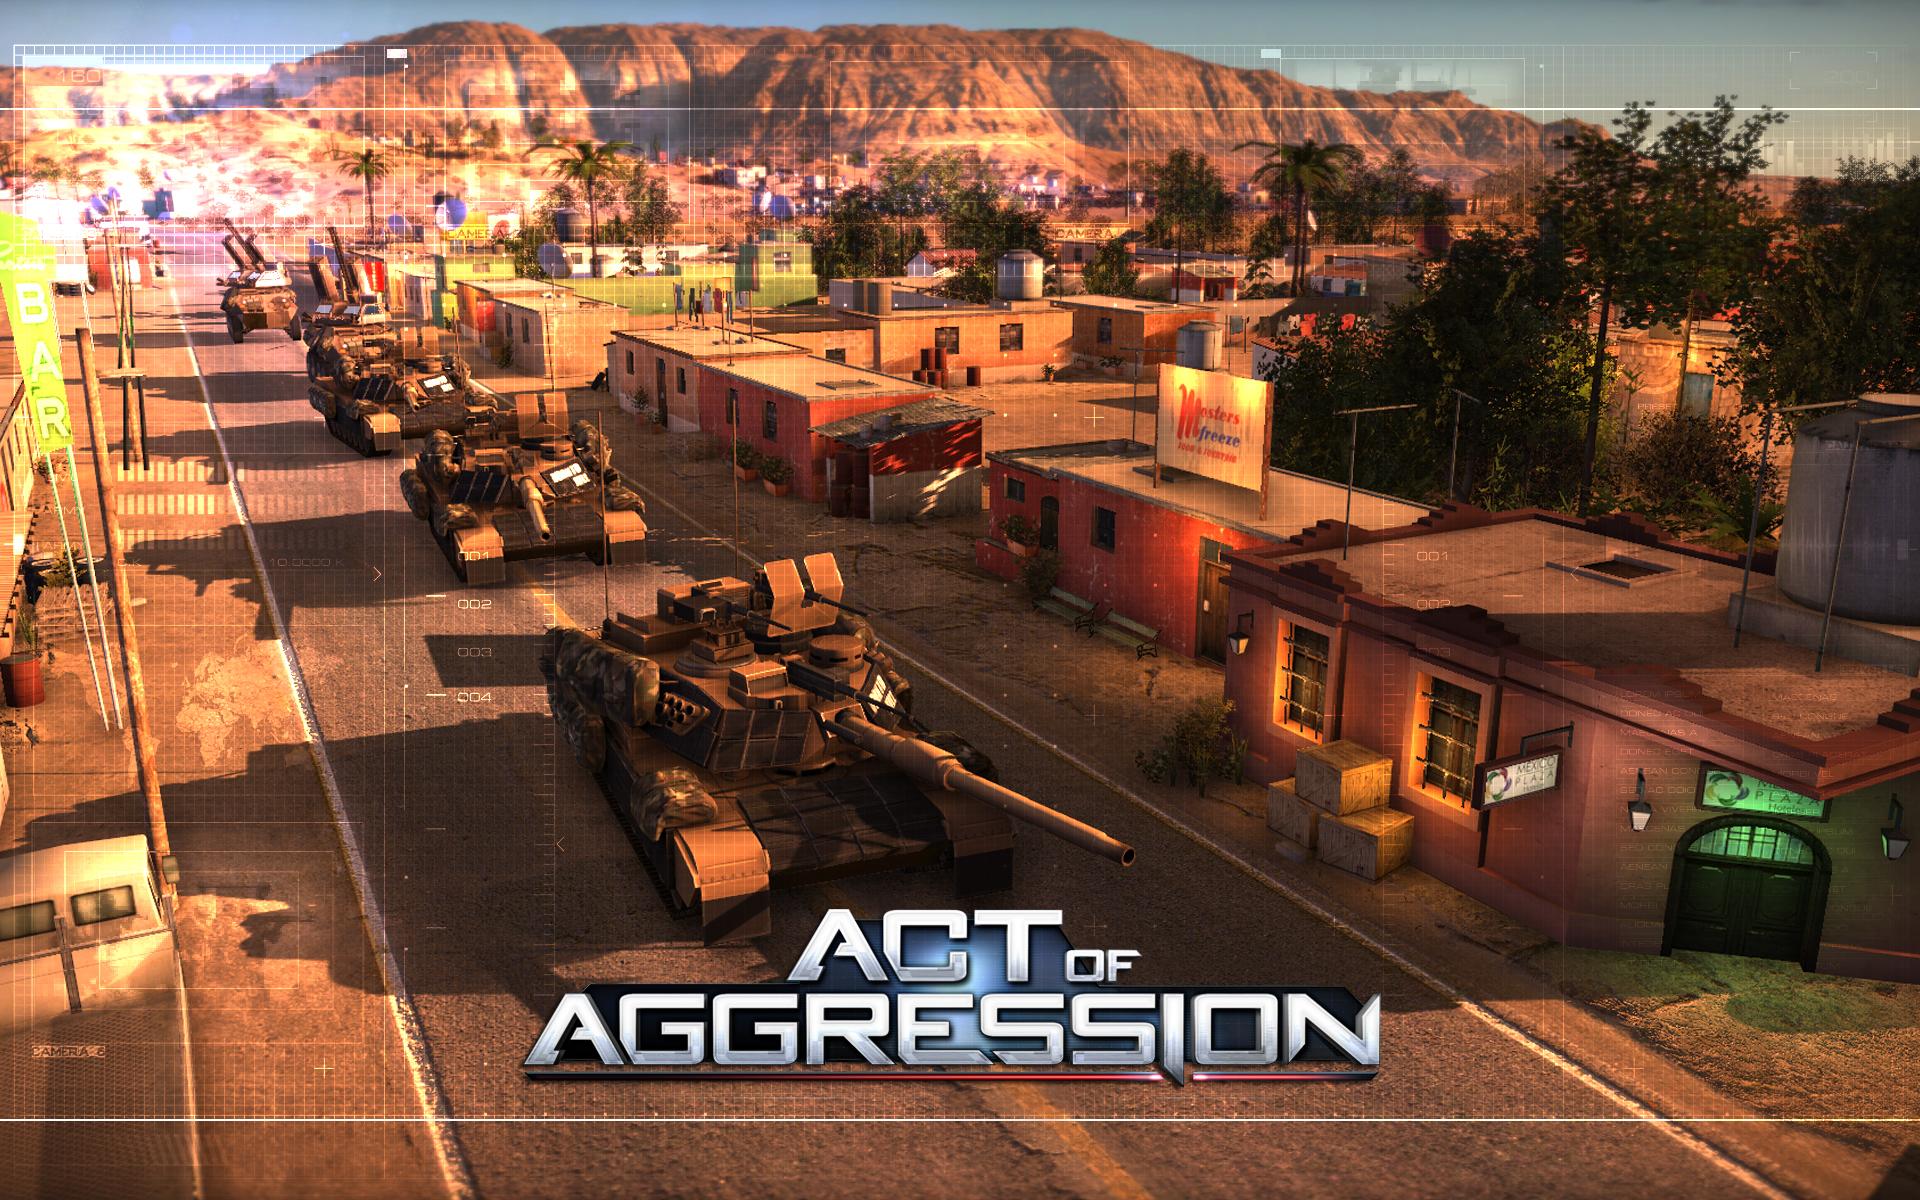 Act of Aggression, les derniers visuels et info !_ZpbGVzLmNvbS9wcmVzc2tpdC9hY3Rfb2ZfYWdncmVzc2lvbi9hcnR3b3JrL2FjdF9vZl9hZ2dyZXNzaW9uLTA2LmpwZw